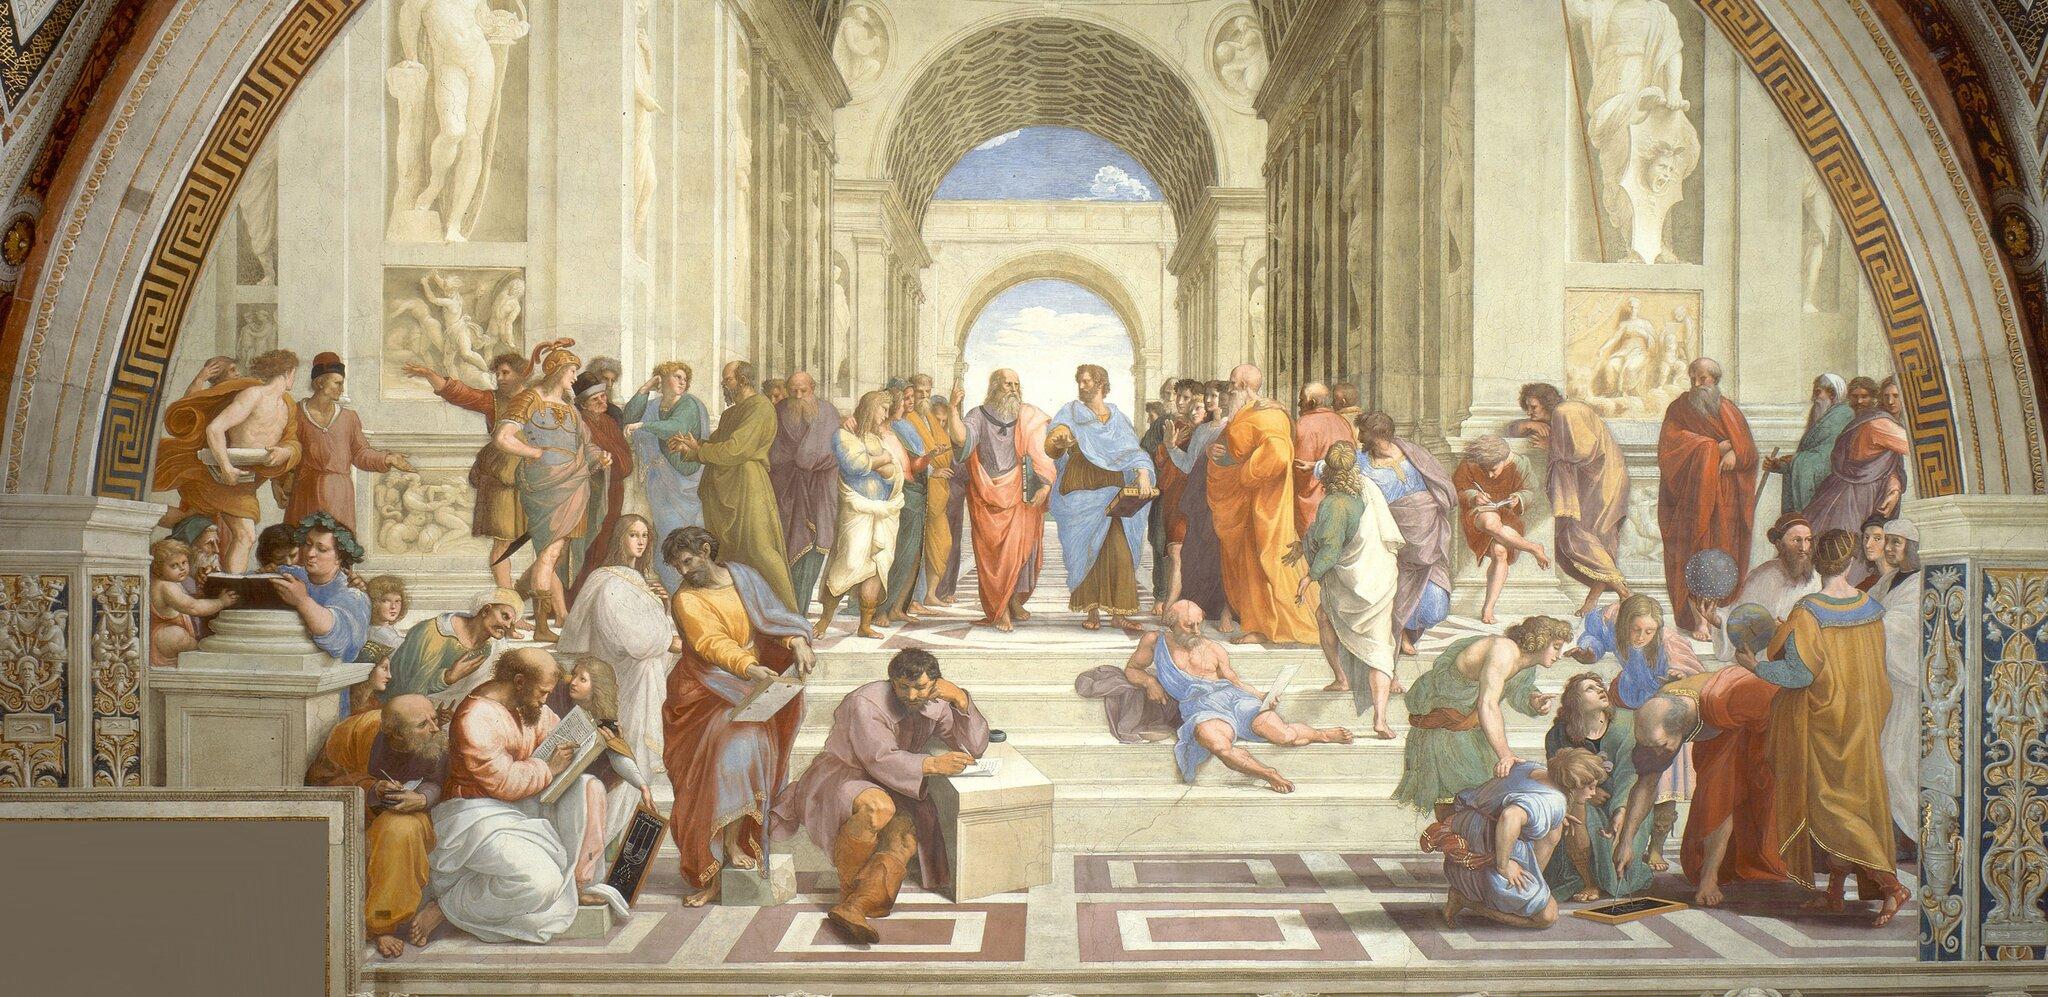 Szkoła Ateńska Źródło: Rafael Santi (Raffaello), Szkoła Ateńska, 1509–1511, fresk, Pałac Apostolski wWatykanie, domena publiczna.